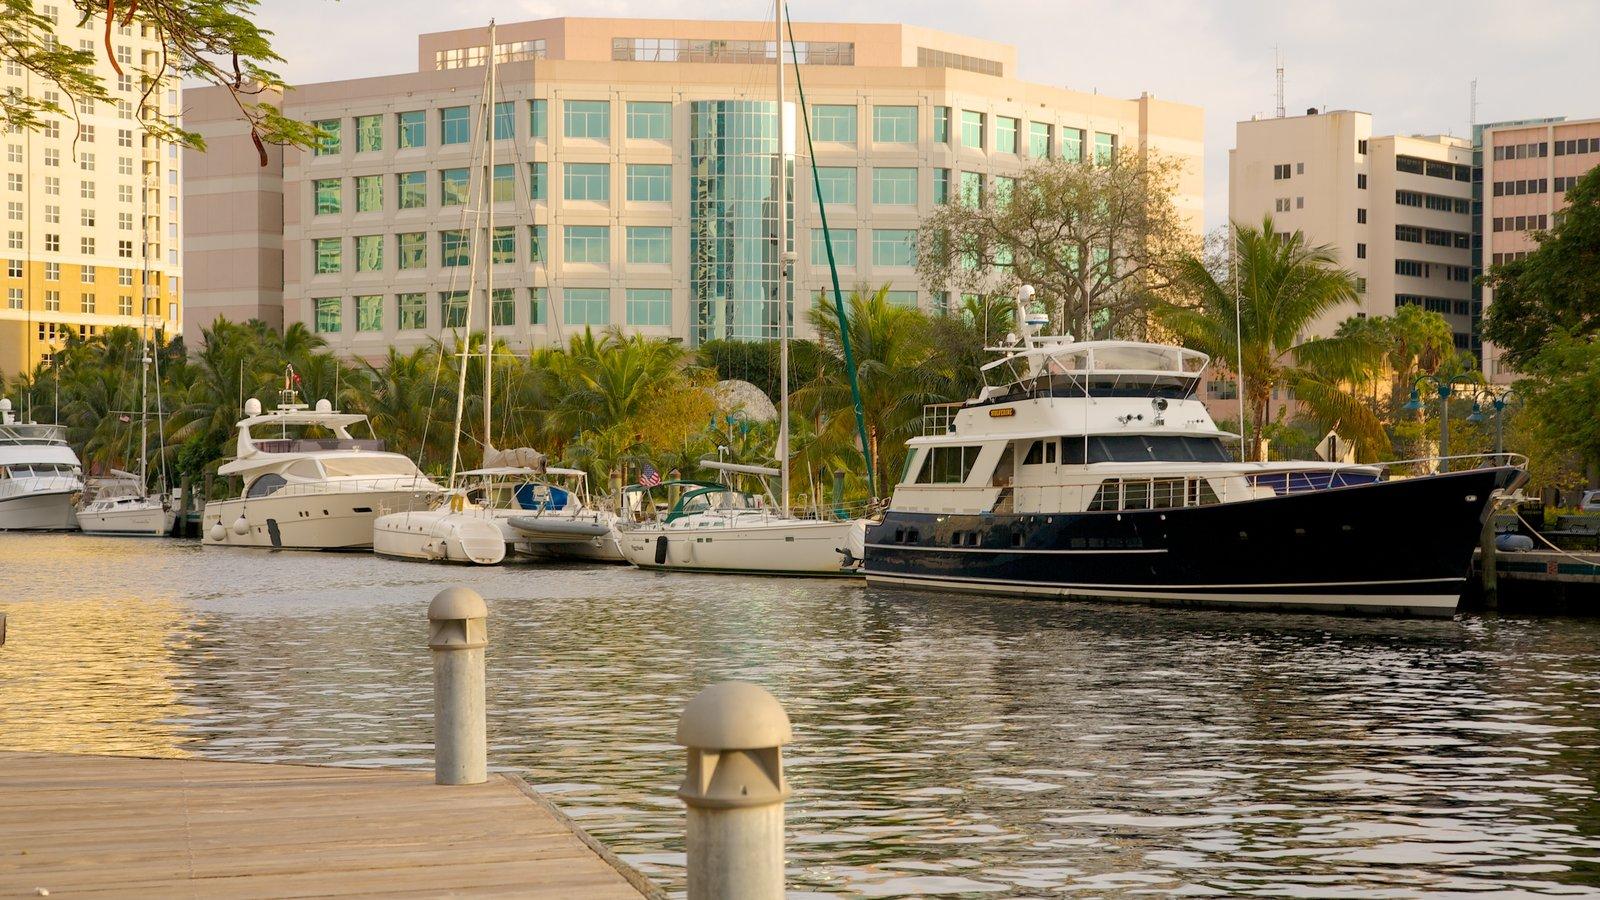 Riverwalk caracterizando uma baía ou porto, canoagem e distrito comercial central